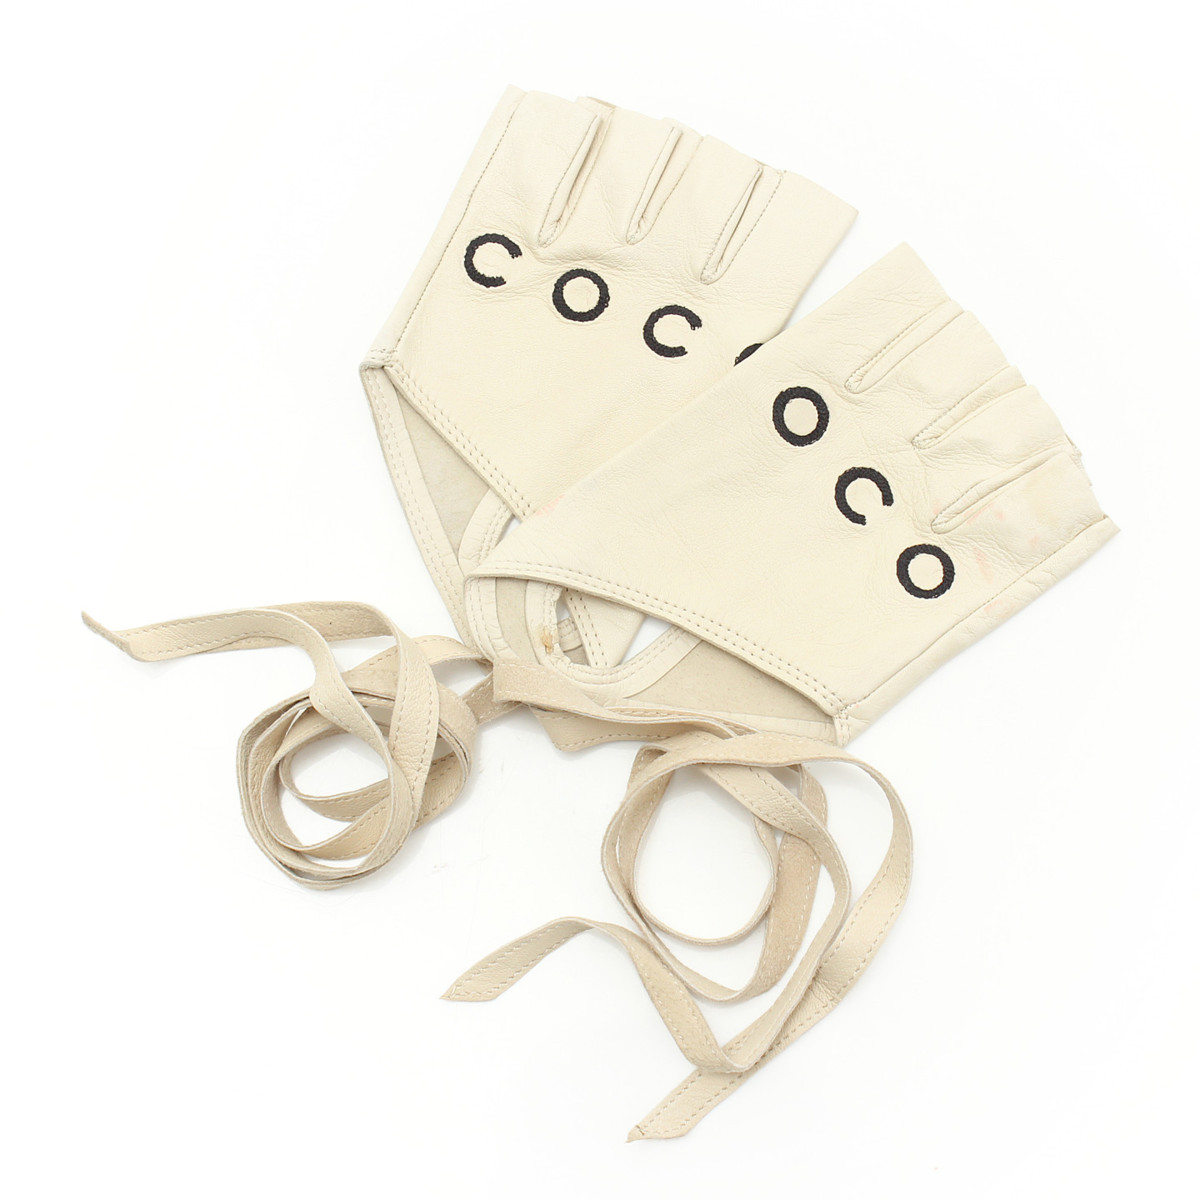 【シャネル】Chanel 01P COCO フィンガーレス レザー グローブ 手袋 ベージュ 7 1/2 【中古】【鑑定済・正規品保証】【送料無料】29522